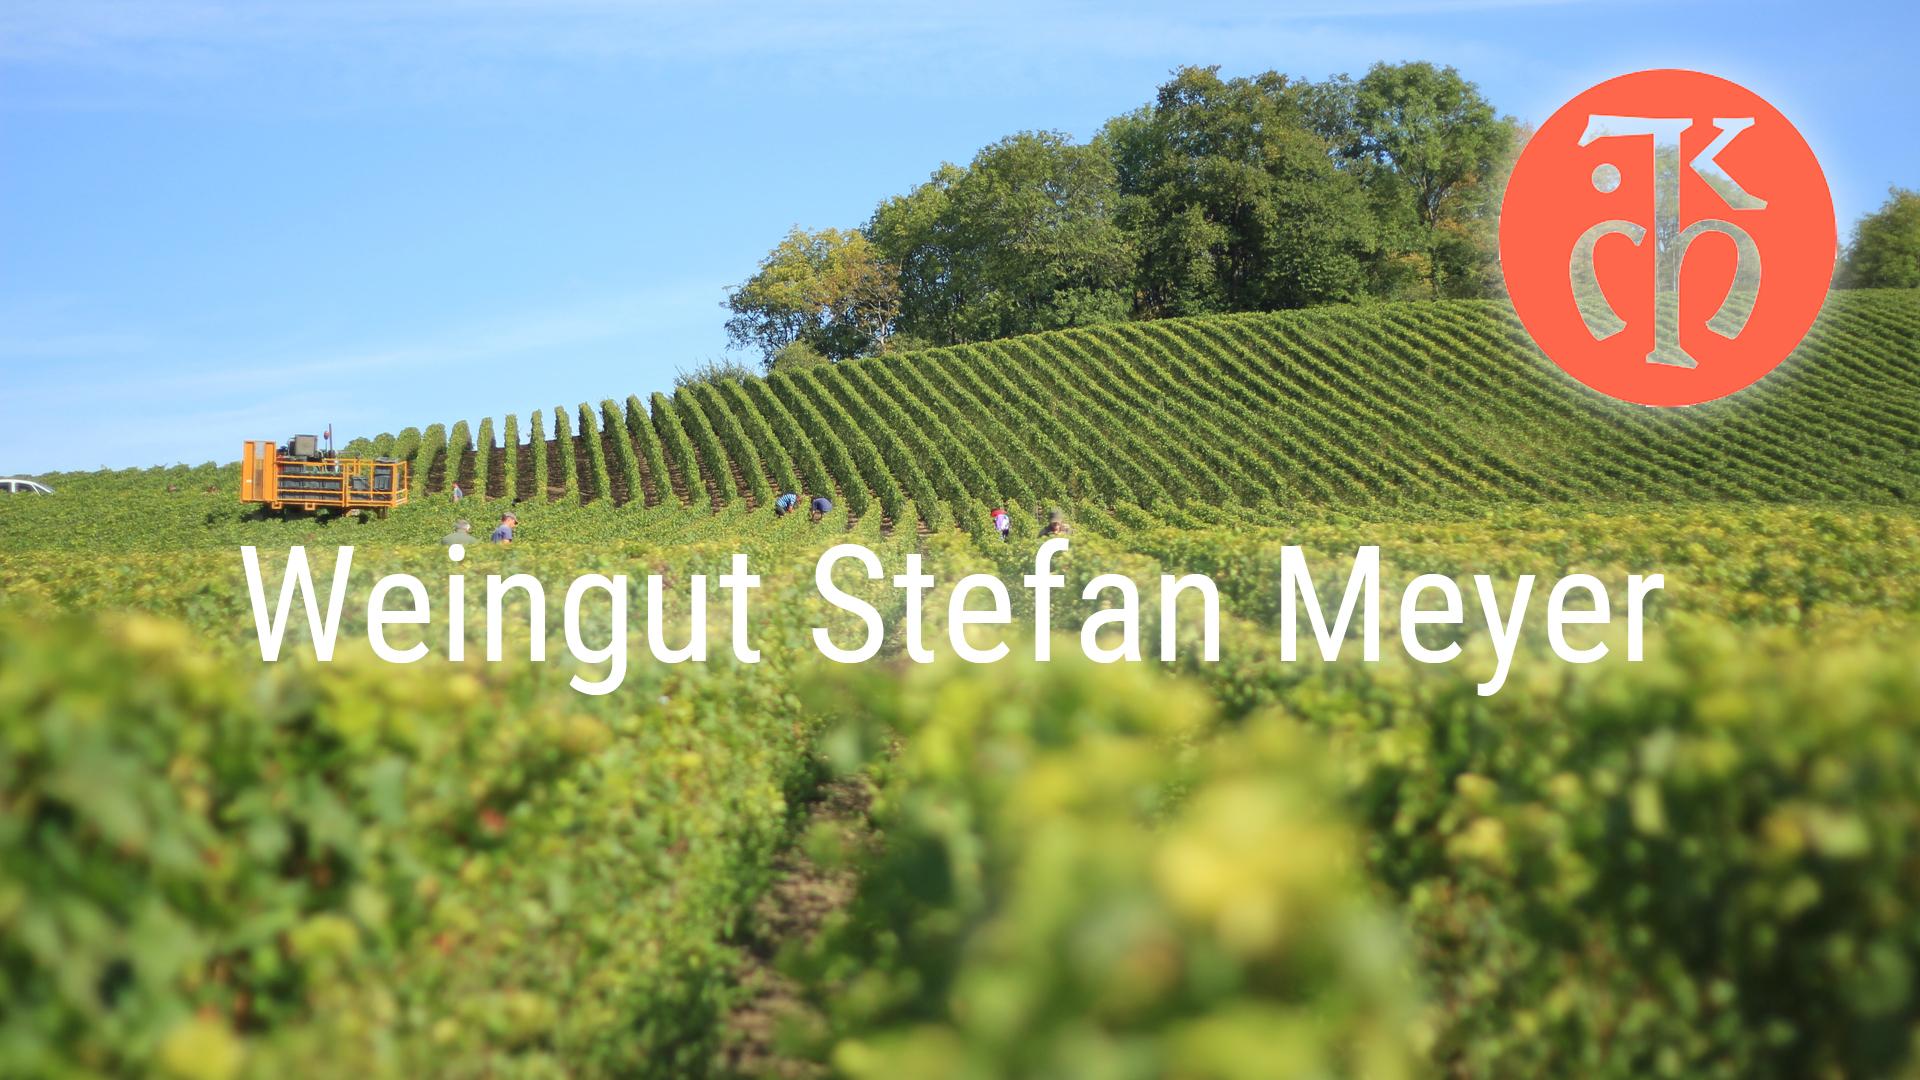 Short introduction – Stefan Meyer winery – Stefan Meyer